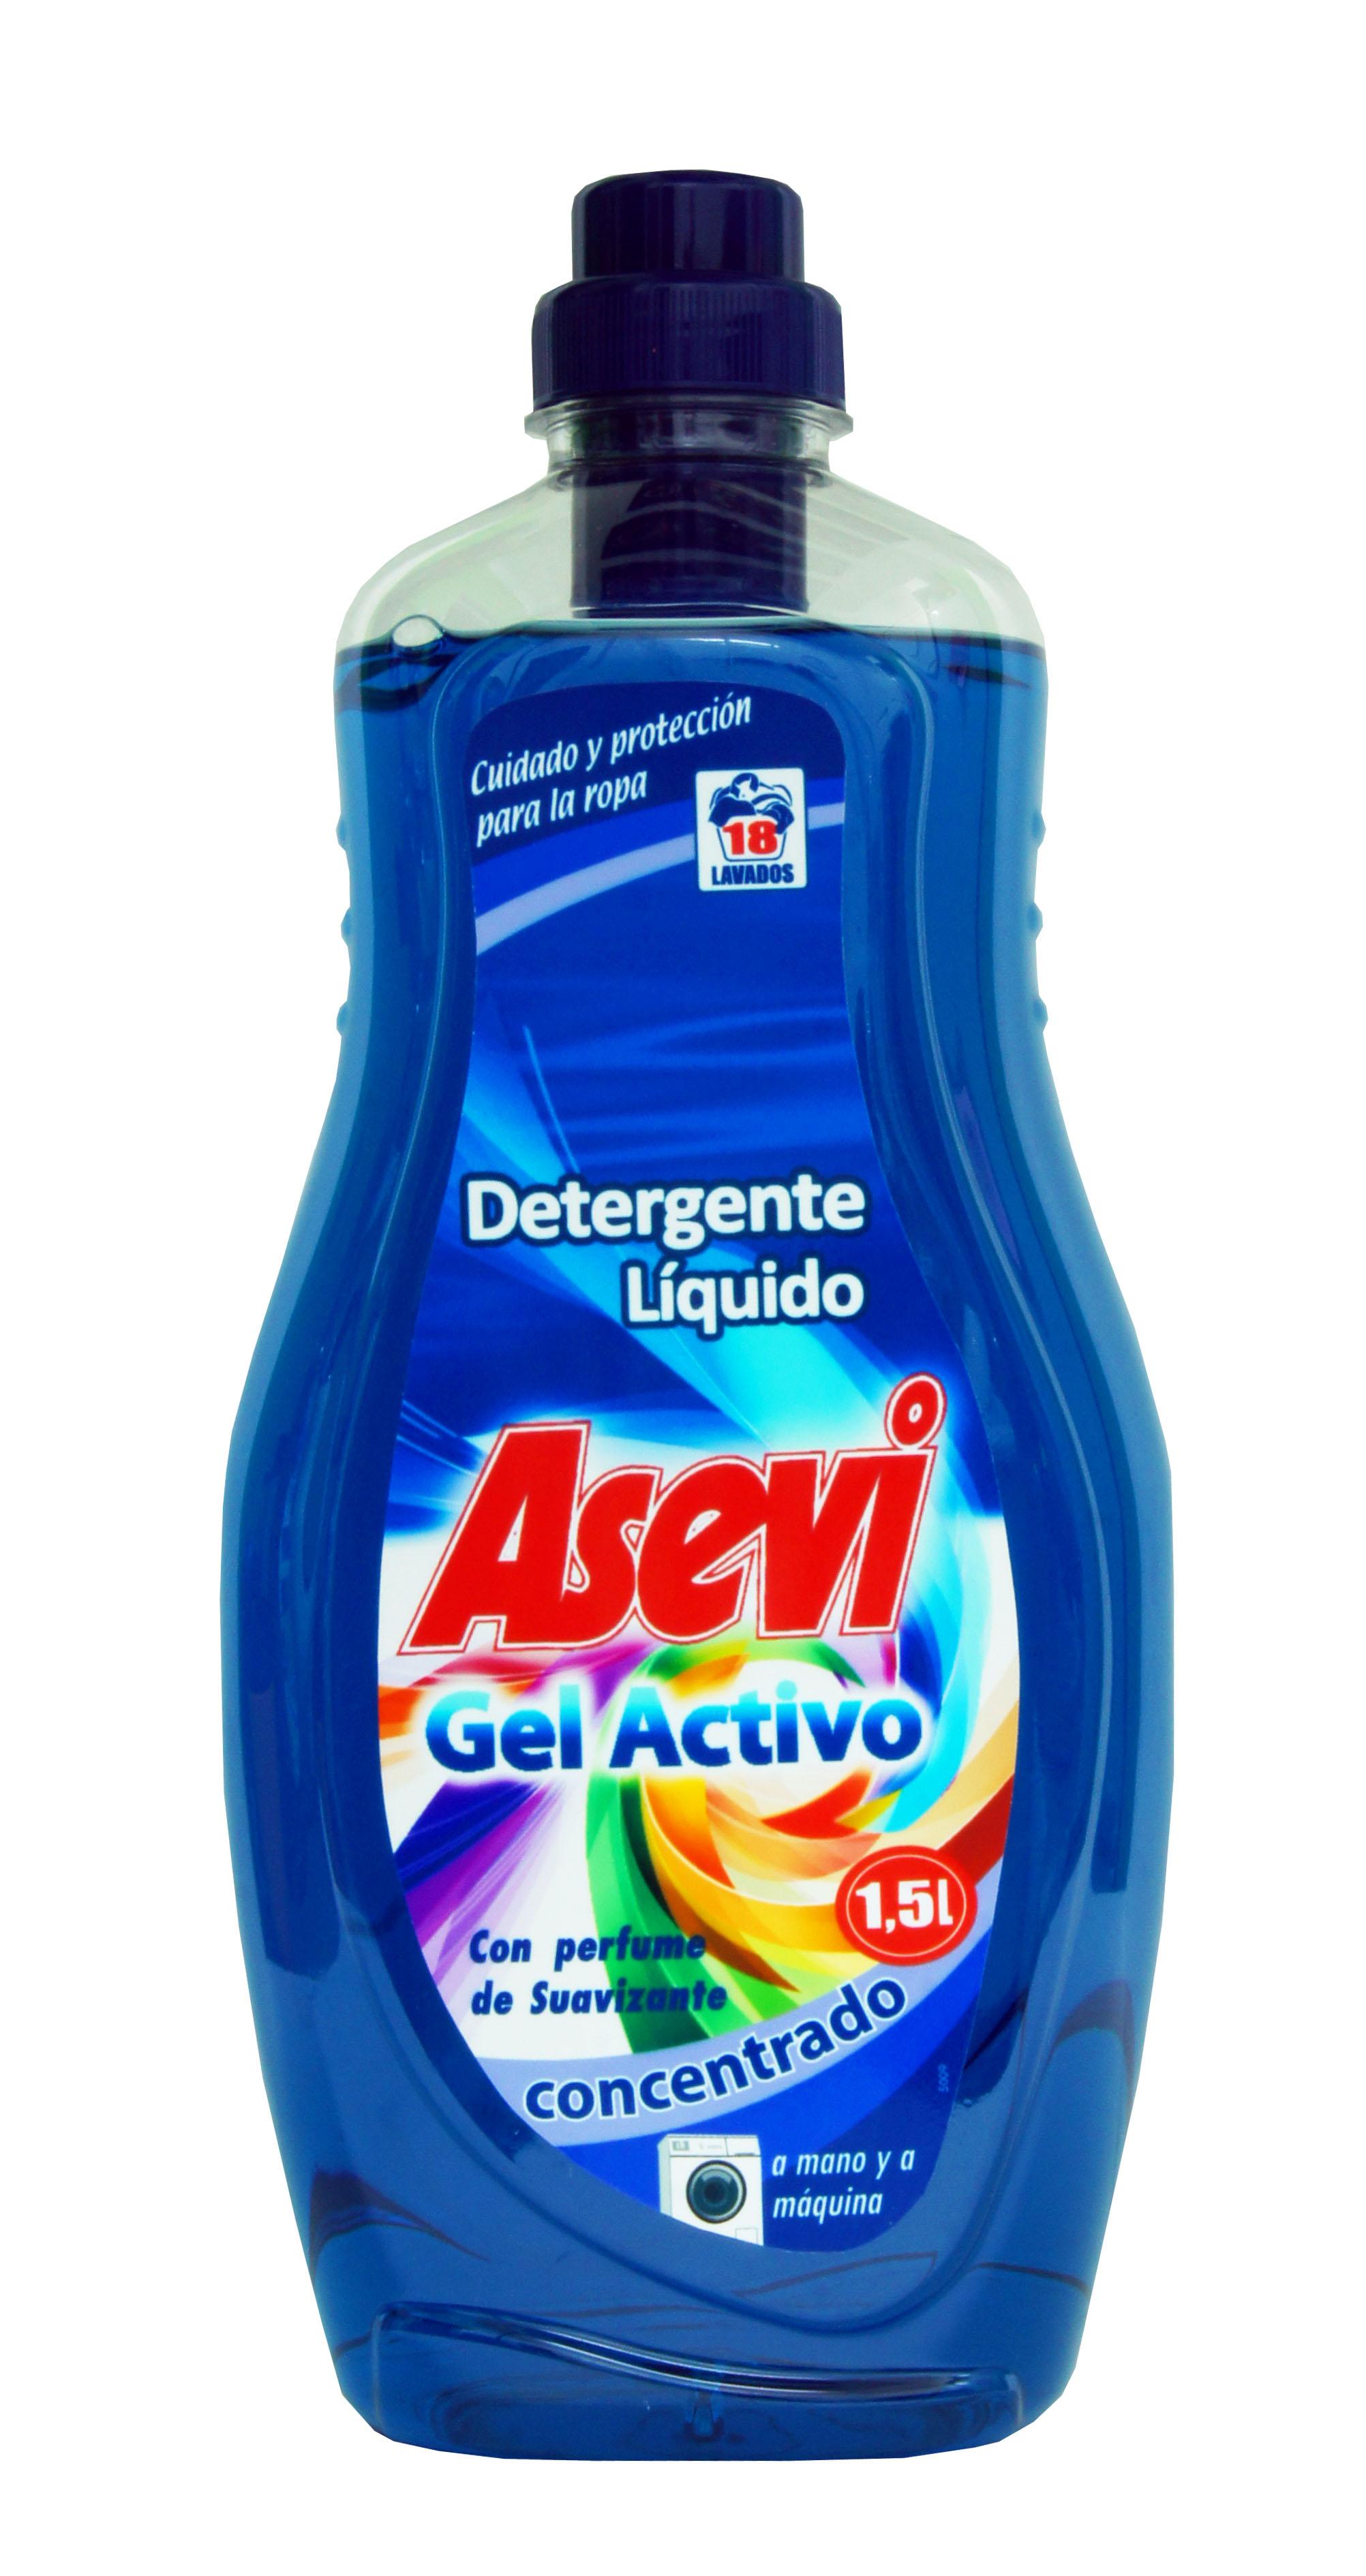 Detergente Como Los Chorros Del Oro ~ Mejor Detergente Lavadora Calidad Precio